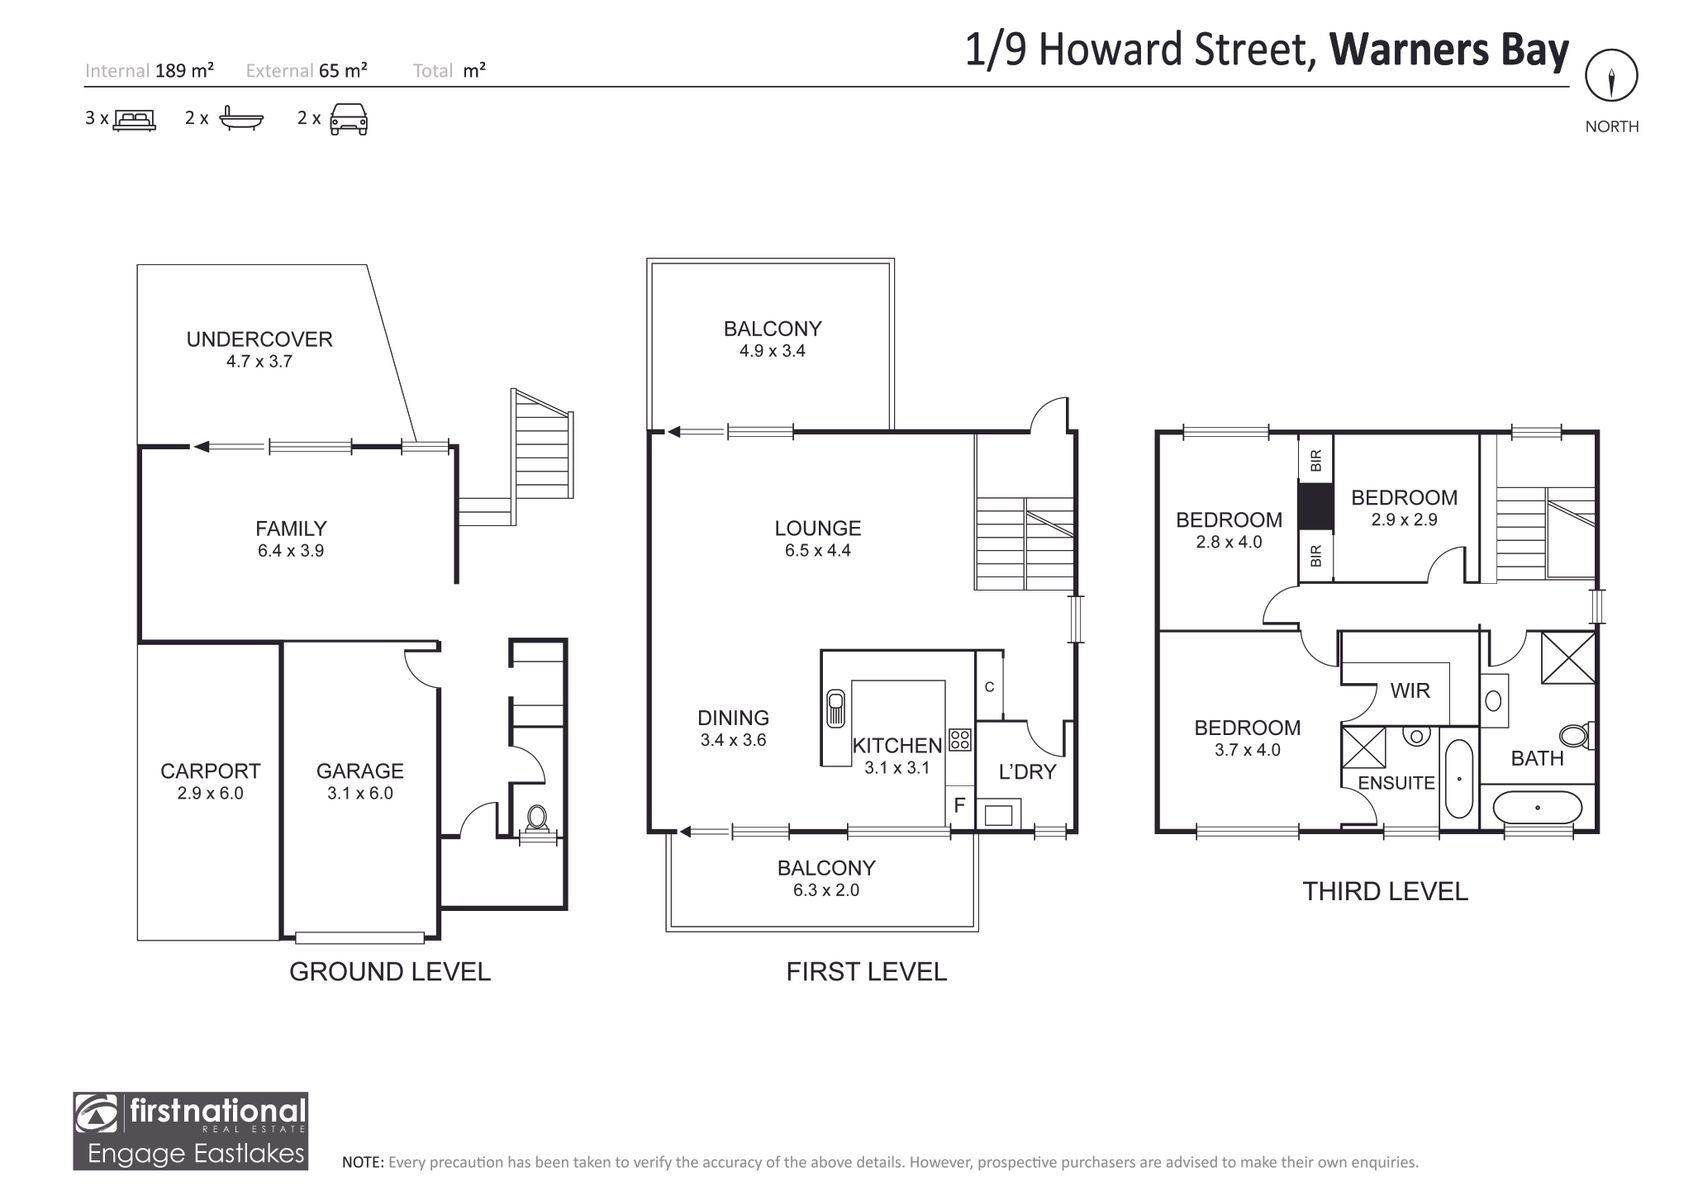 1/9 Howard Street, Warners Bay, NSW 2282